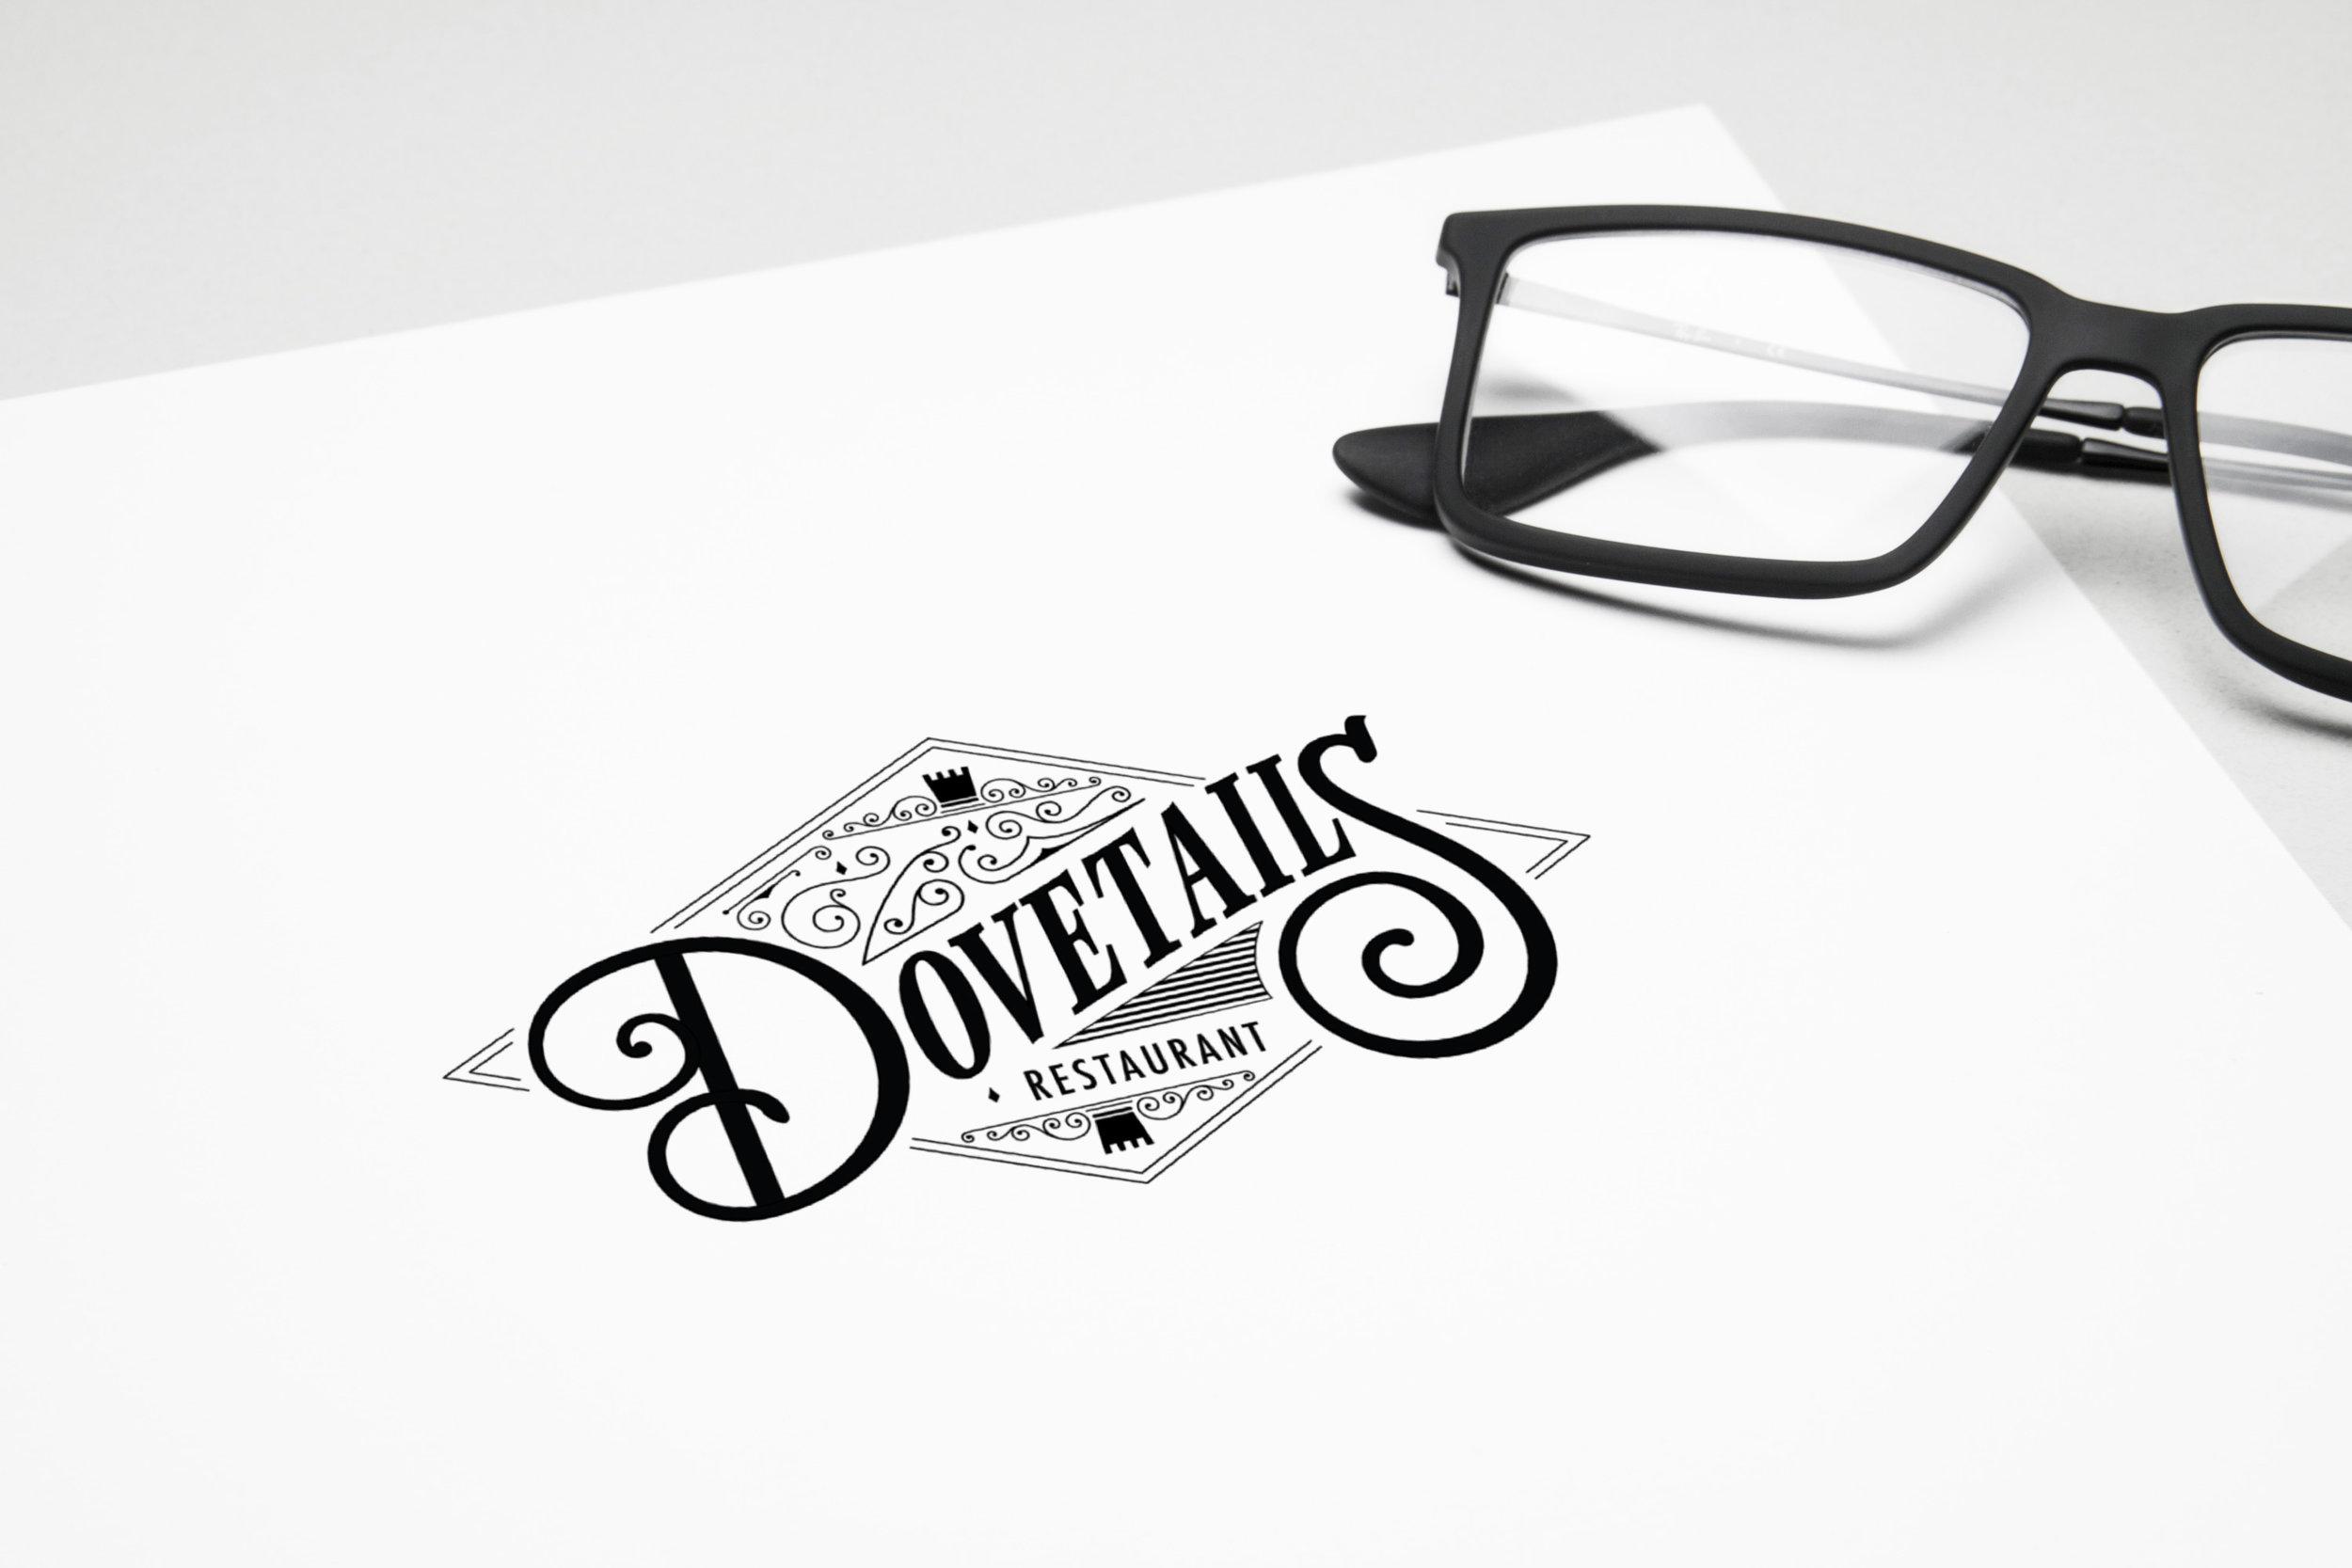 Dovetails Restaurant<strong>Branding</strong>